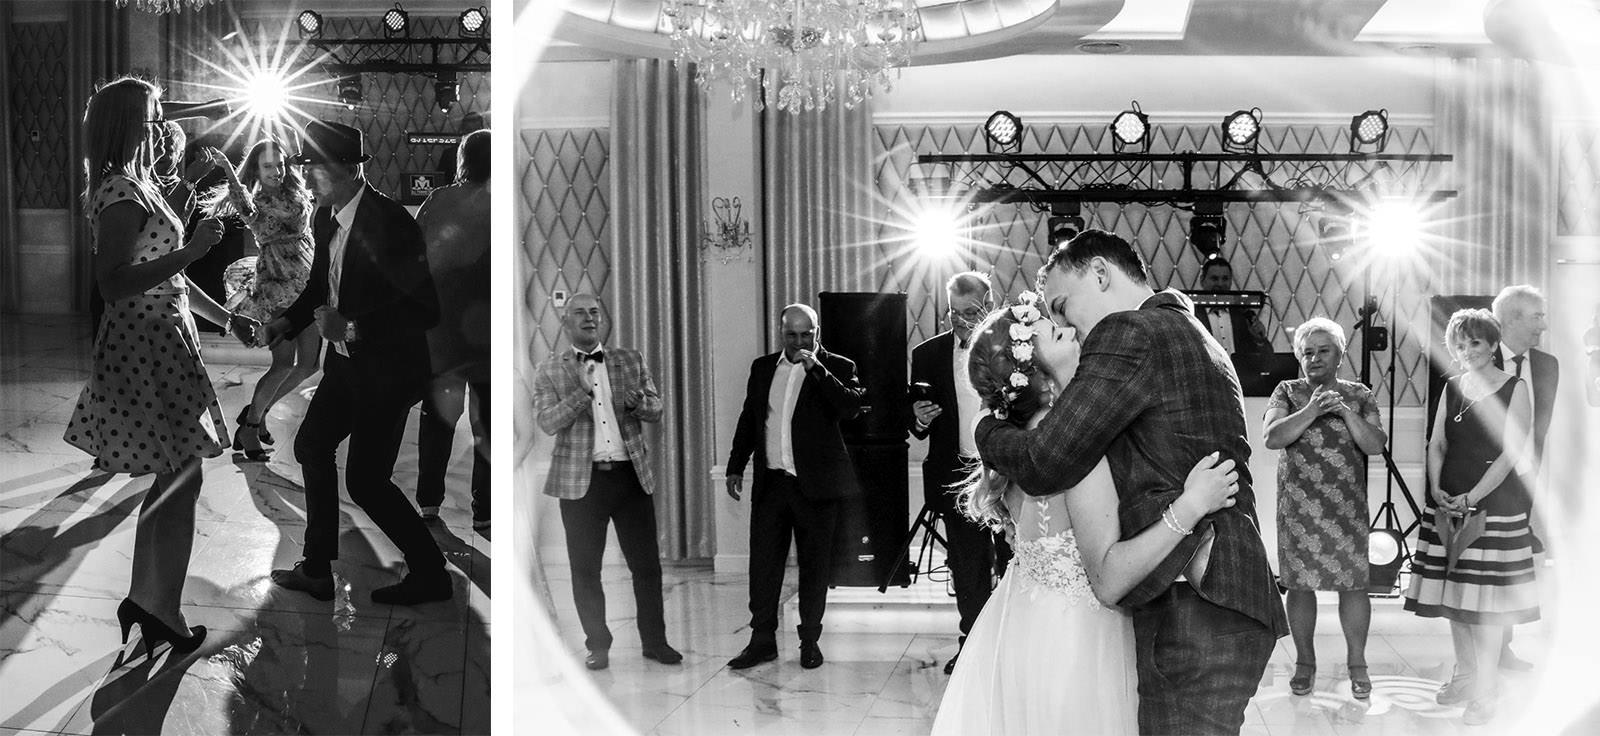 zdjęcia z zabawy ślubnej